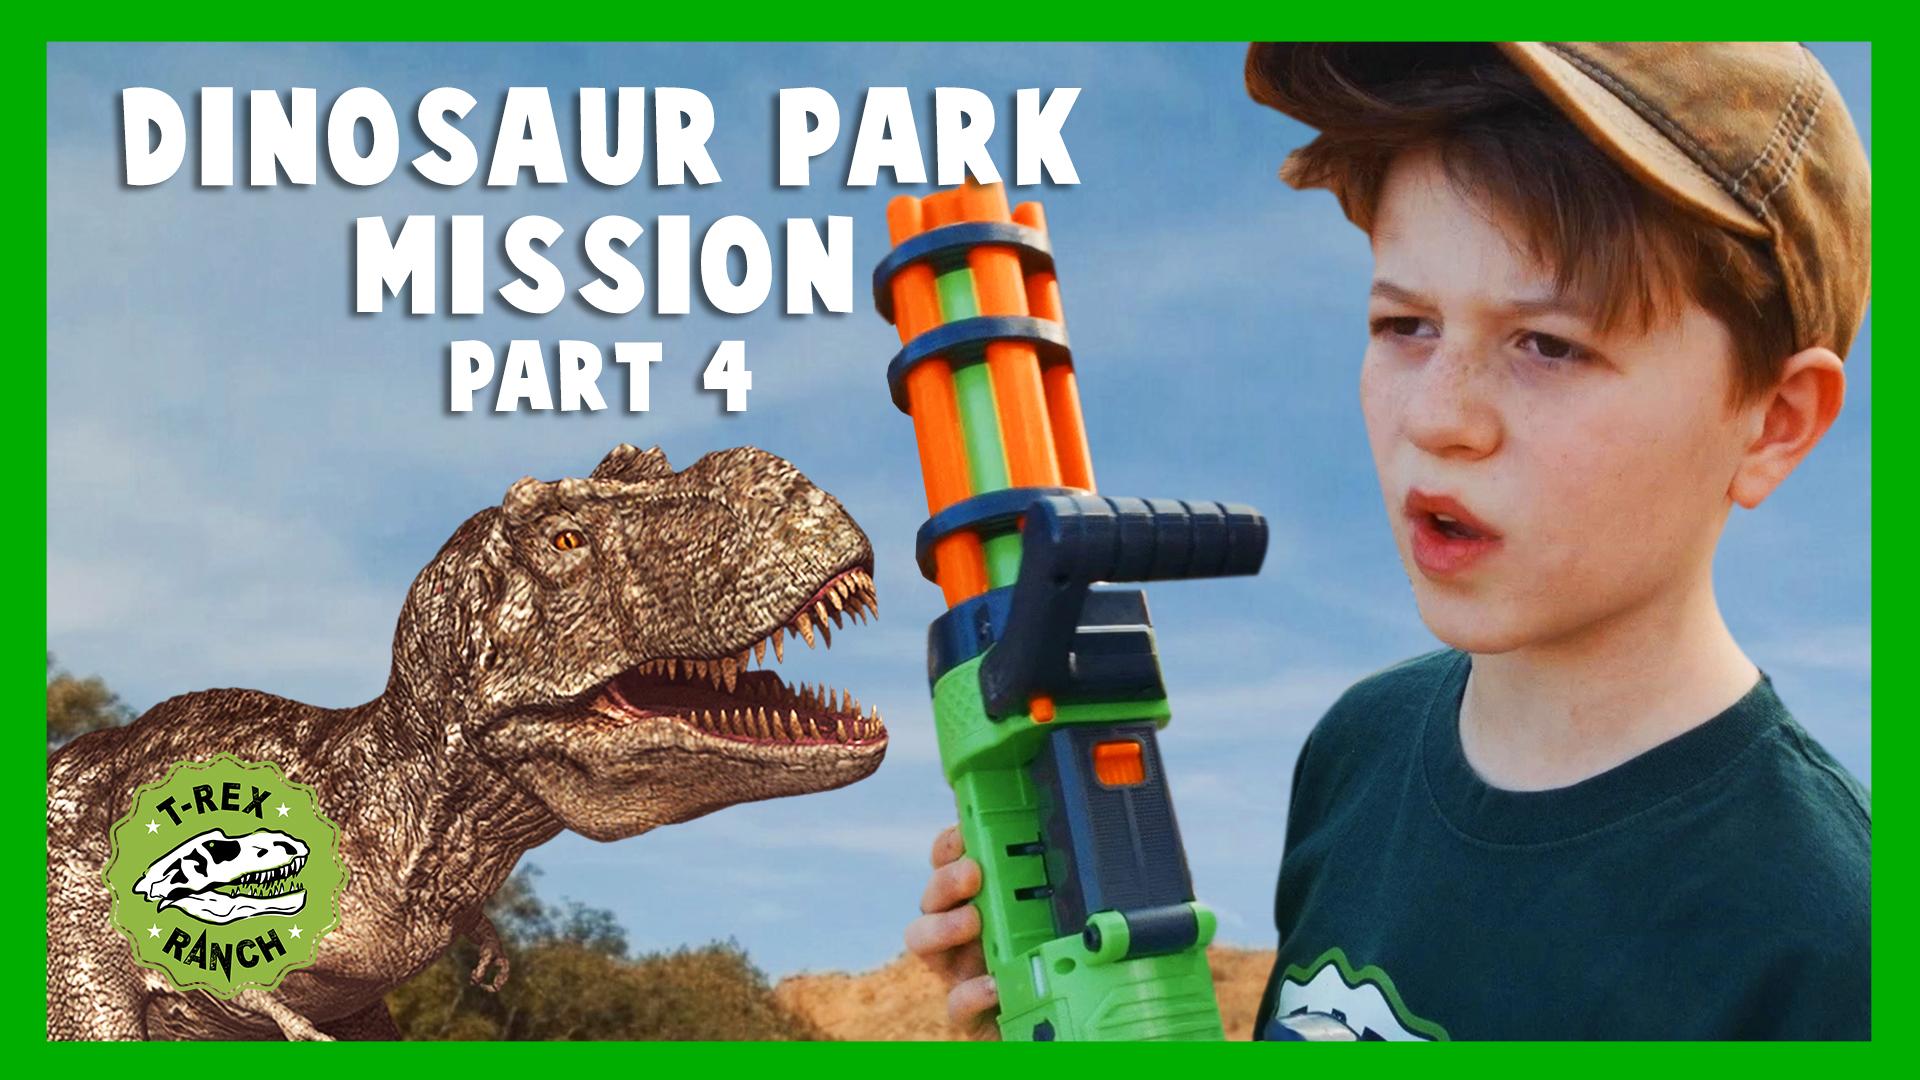 Dinosaur Park Mission Part 4 - T-Rex Ranch on Amazon Prime Video UK